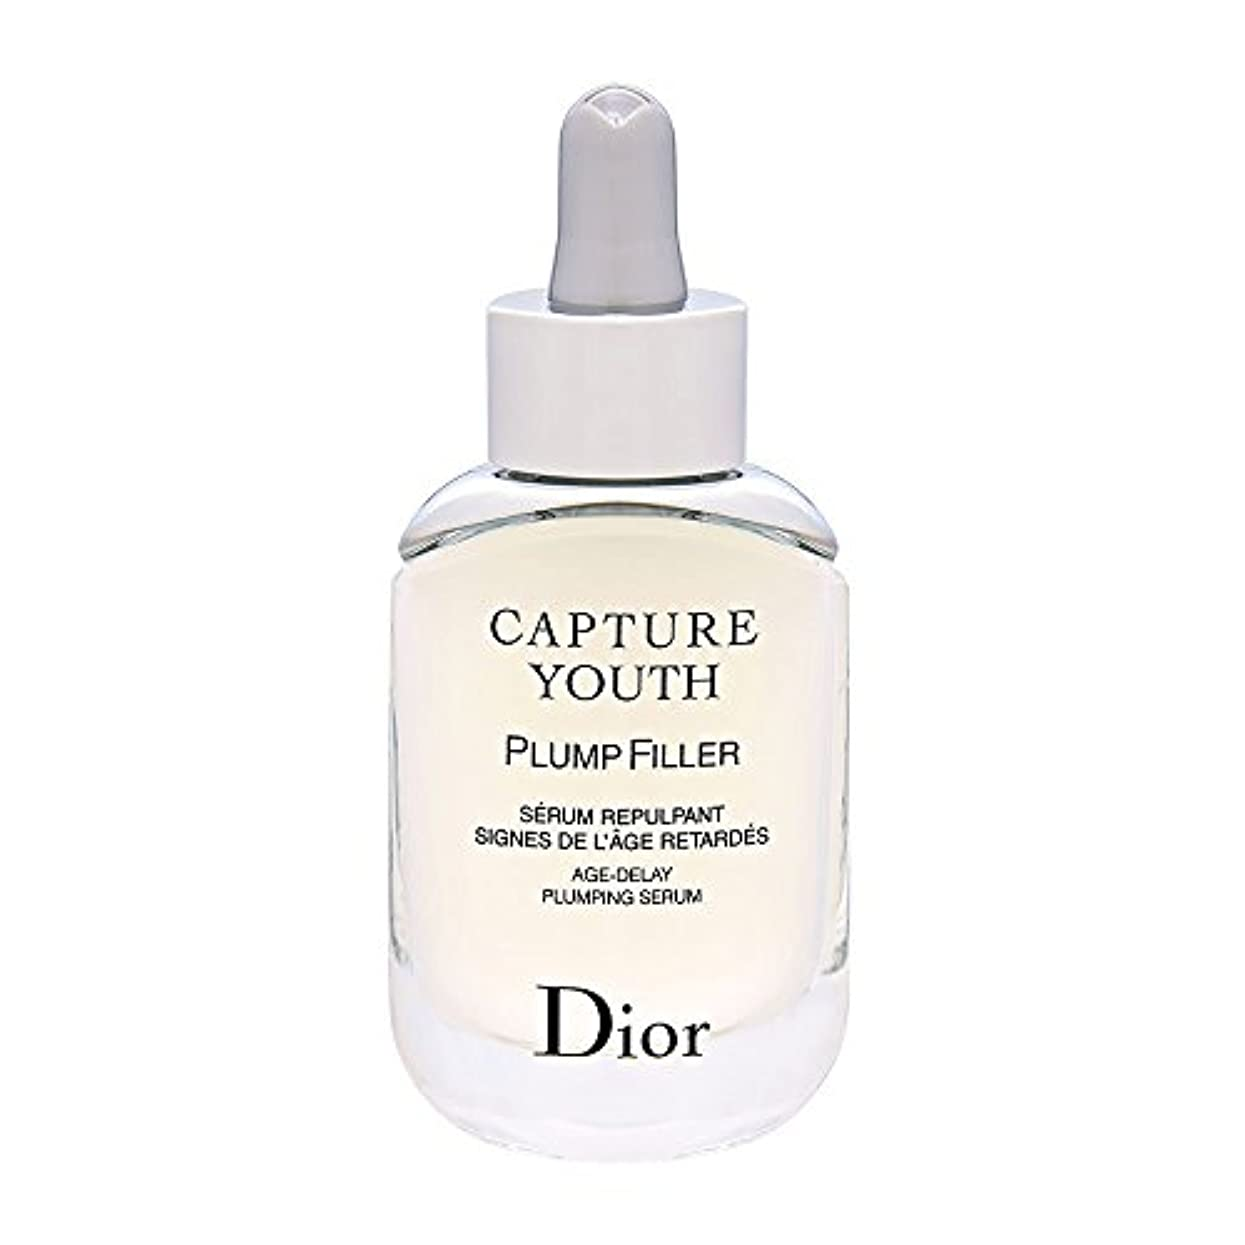 提供感じ小競り合いクリスチャンディオール Christian Dior カプチュール ユース プランプフィラー 30mL [並行輸入品]